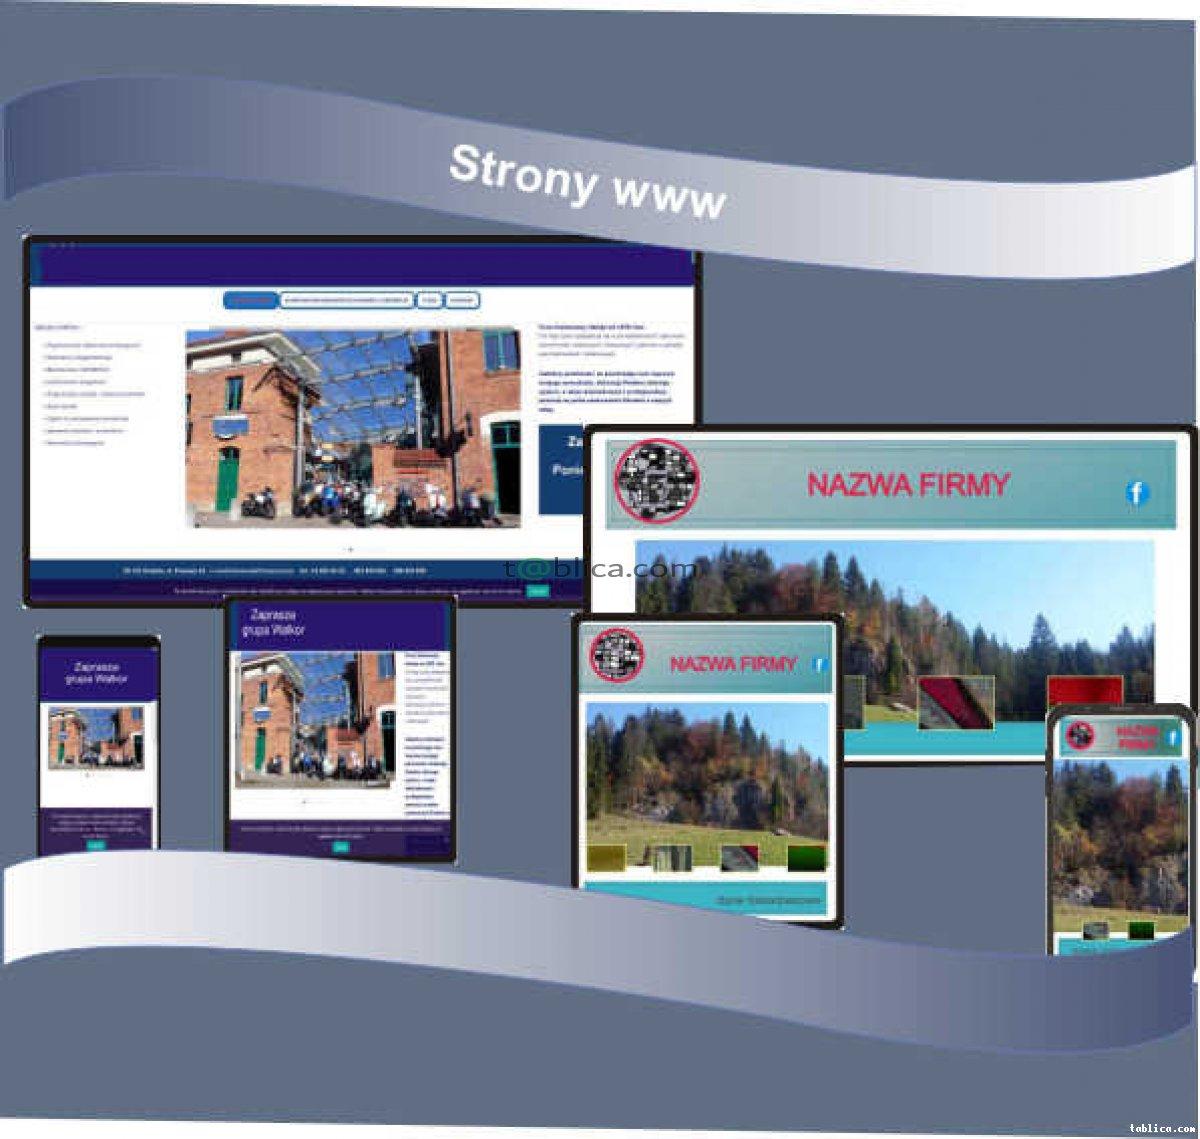 strony internetowe, kompleksowa obsługa reklamowa firm